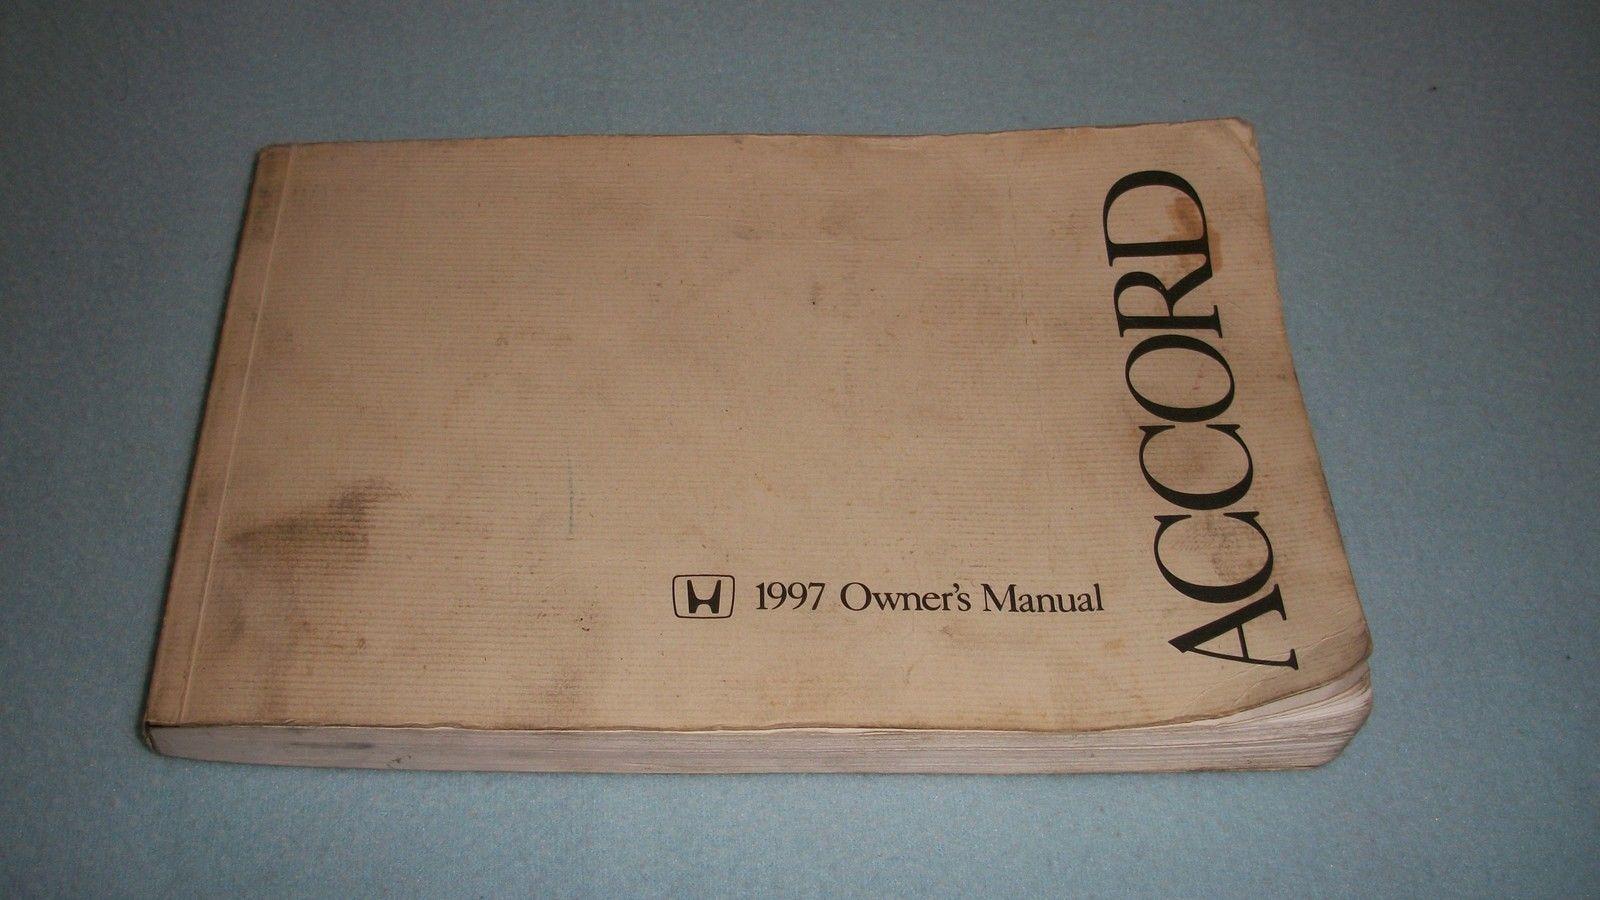 1997 honda accord owners manual oem and 50 similar items rh bonanza com 1997 honda accord service manual 1997 honda accord service manual